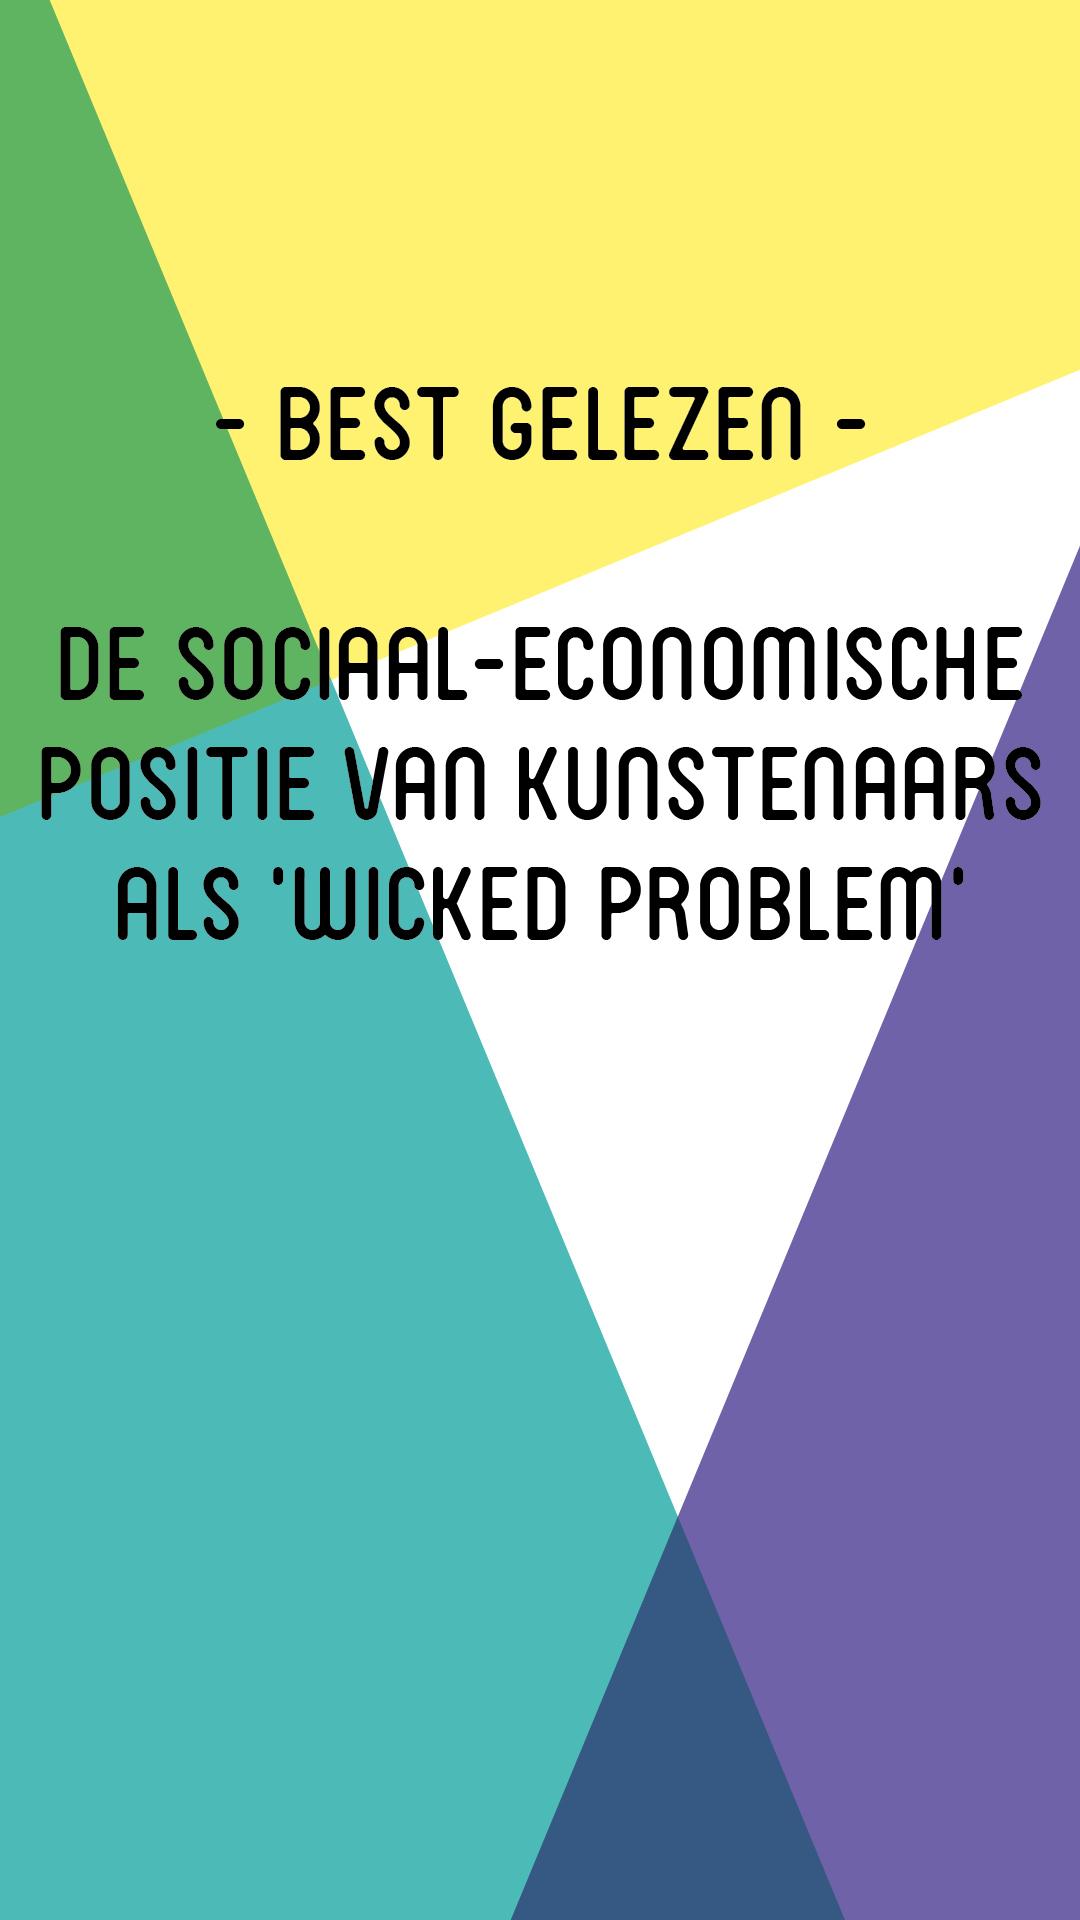 sociaal-economische positie van kunstenaars als Wicked Problem